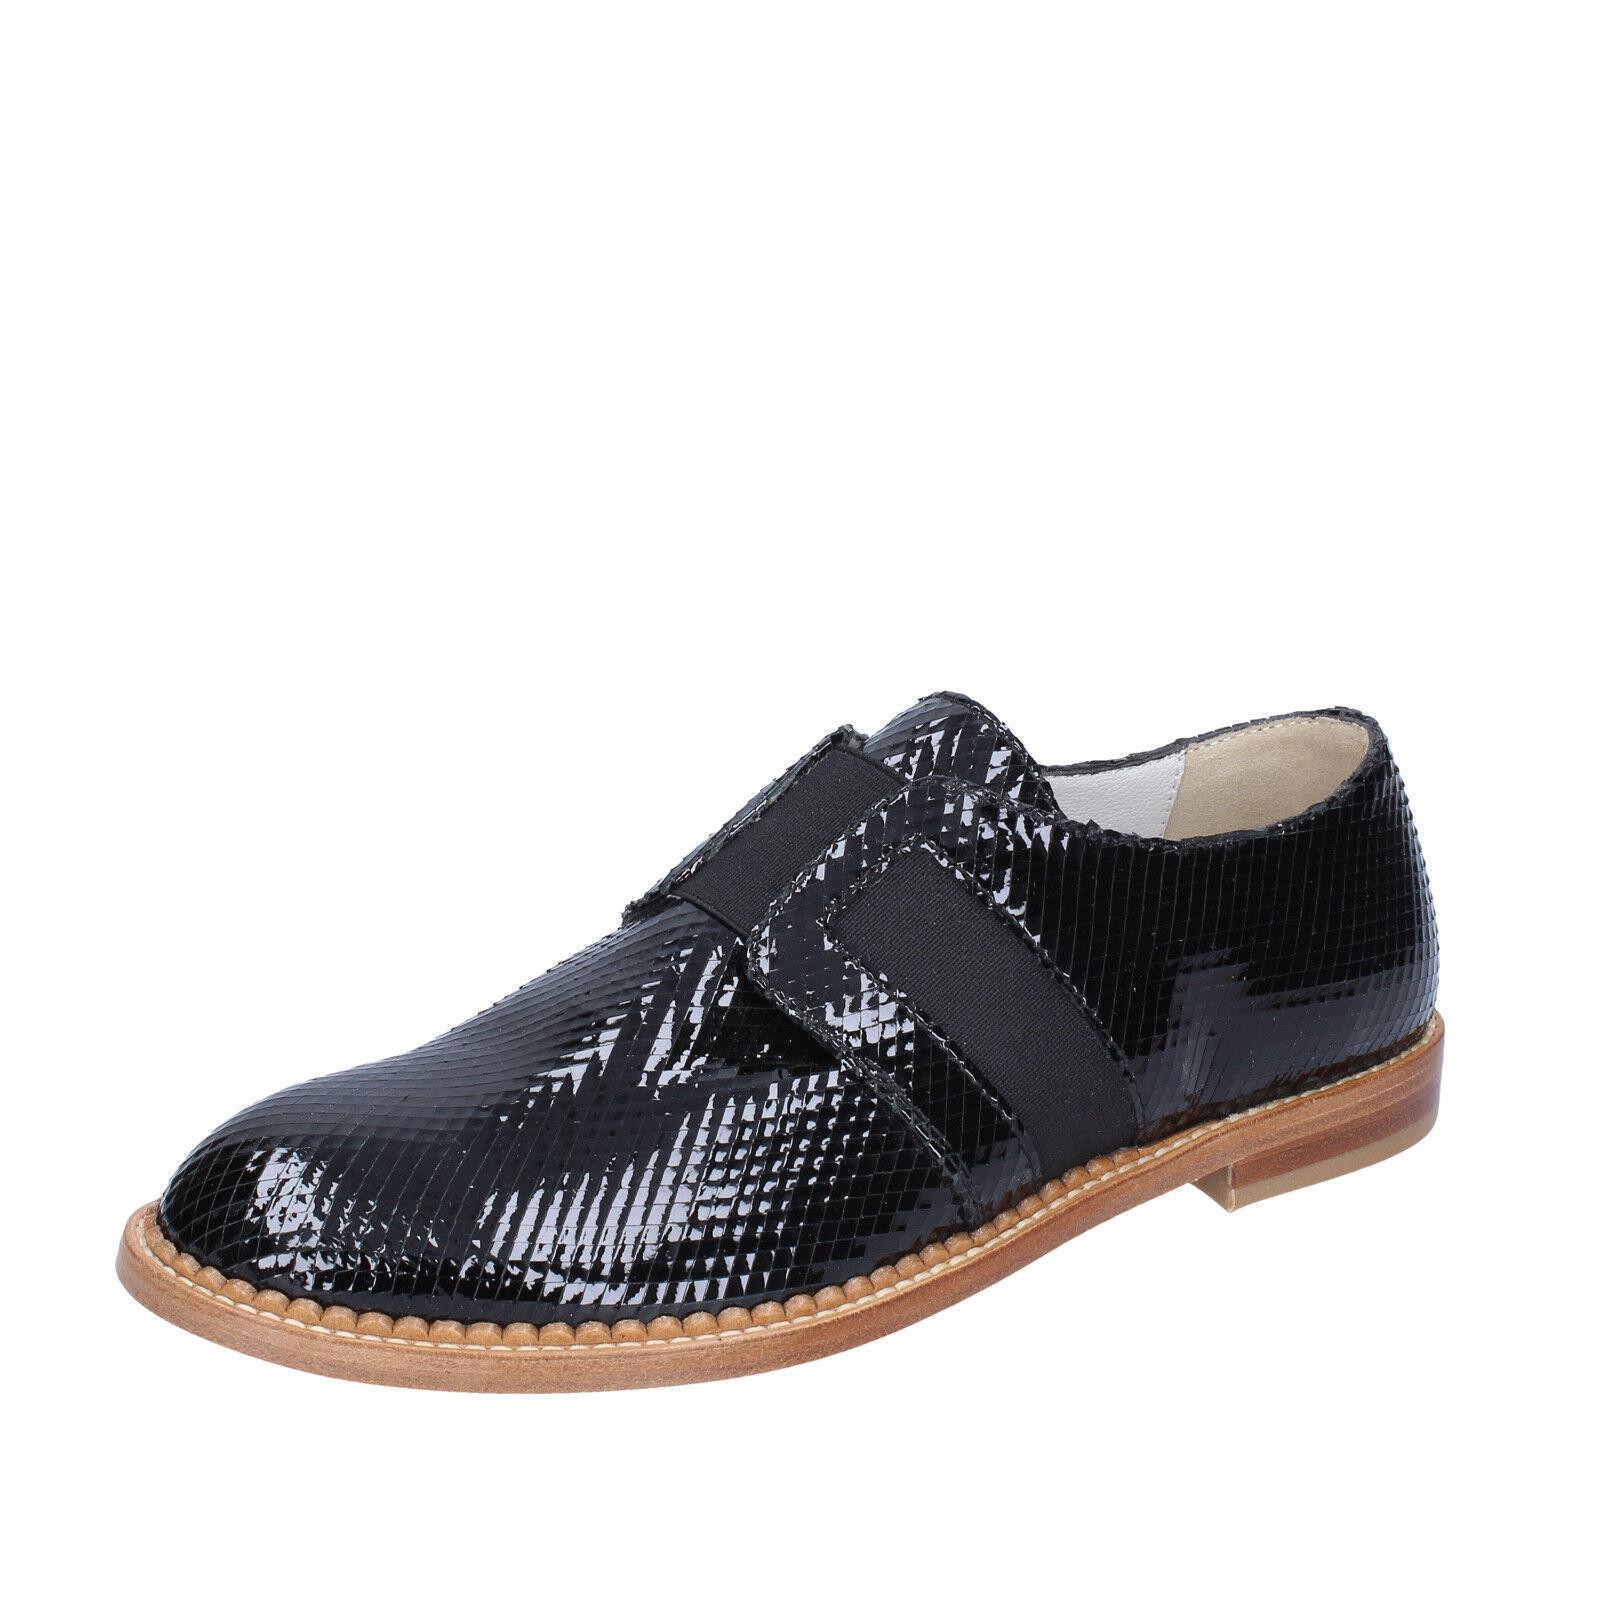 Zapatos señora Arnold churgin 38 UE UE UE elegante negro charol bt955-38  la red entera más baja